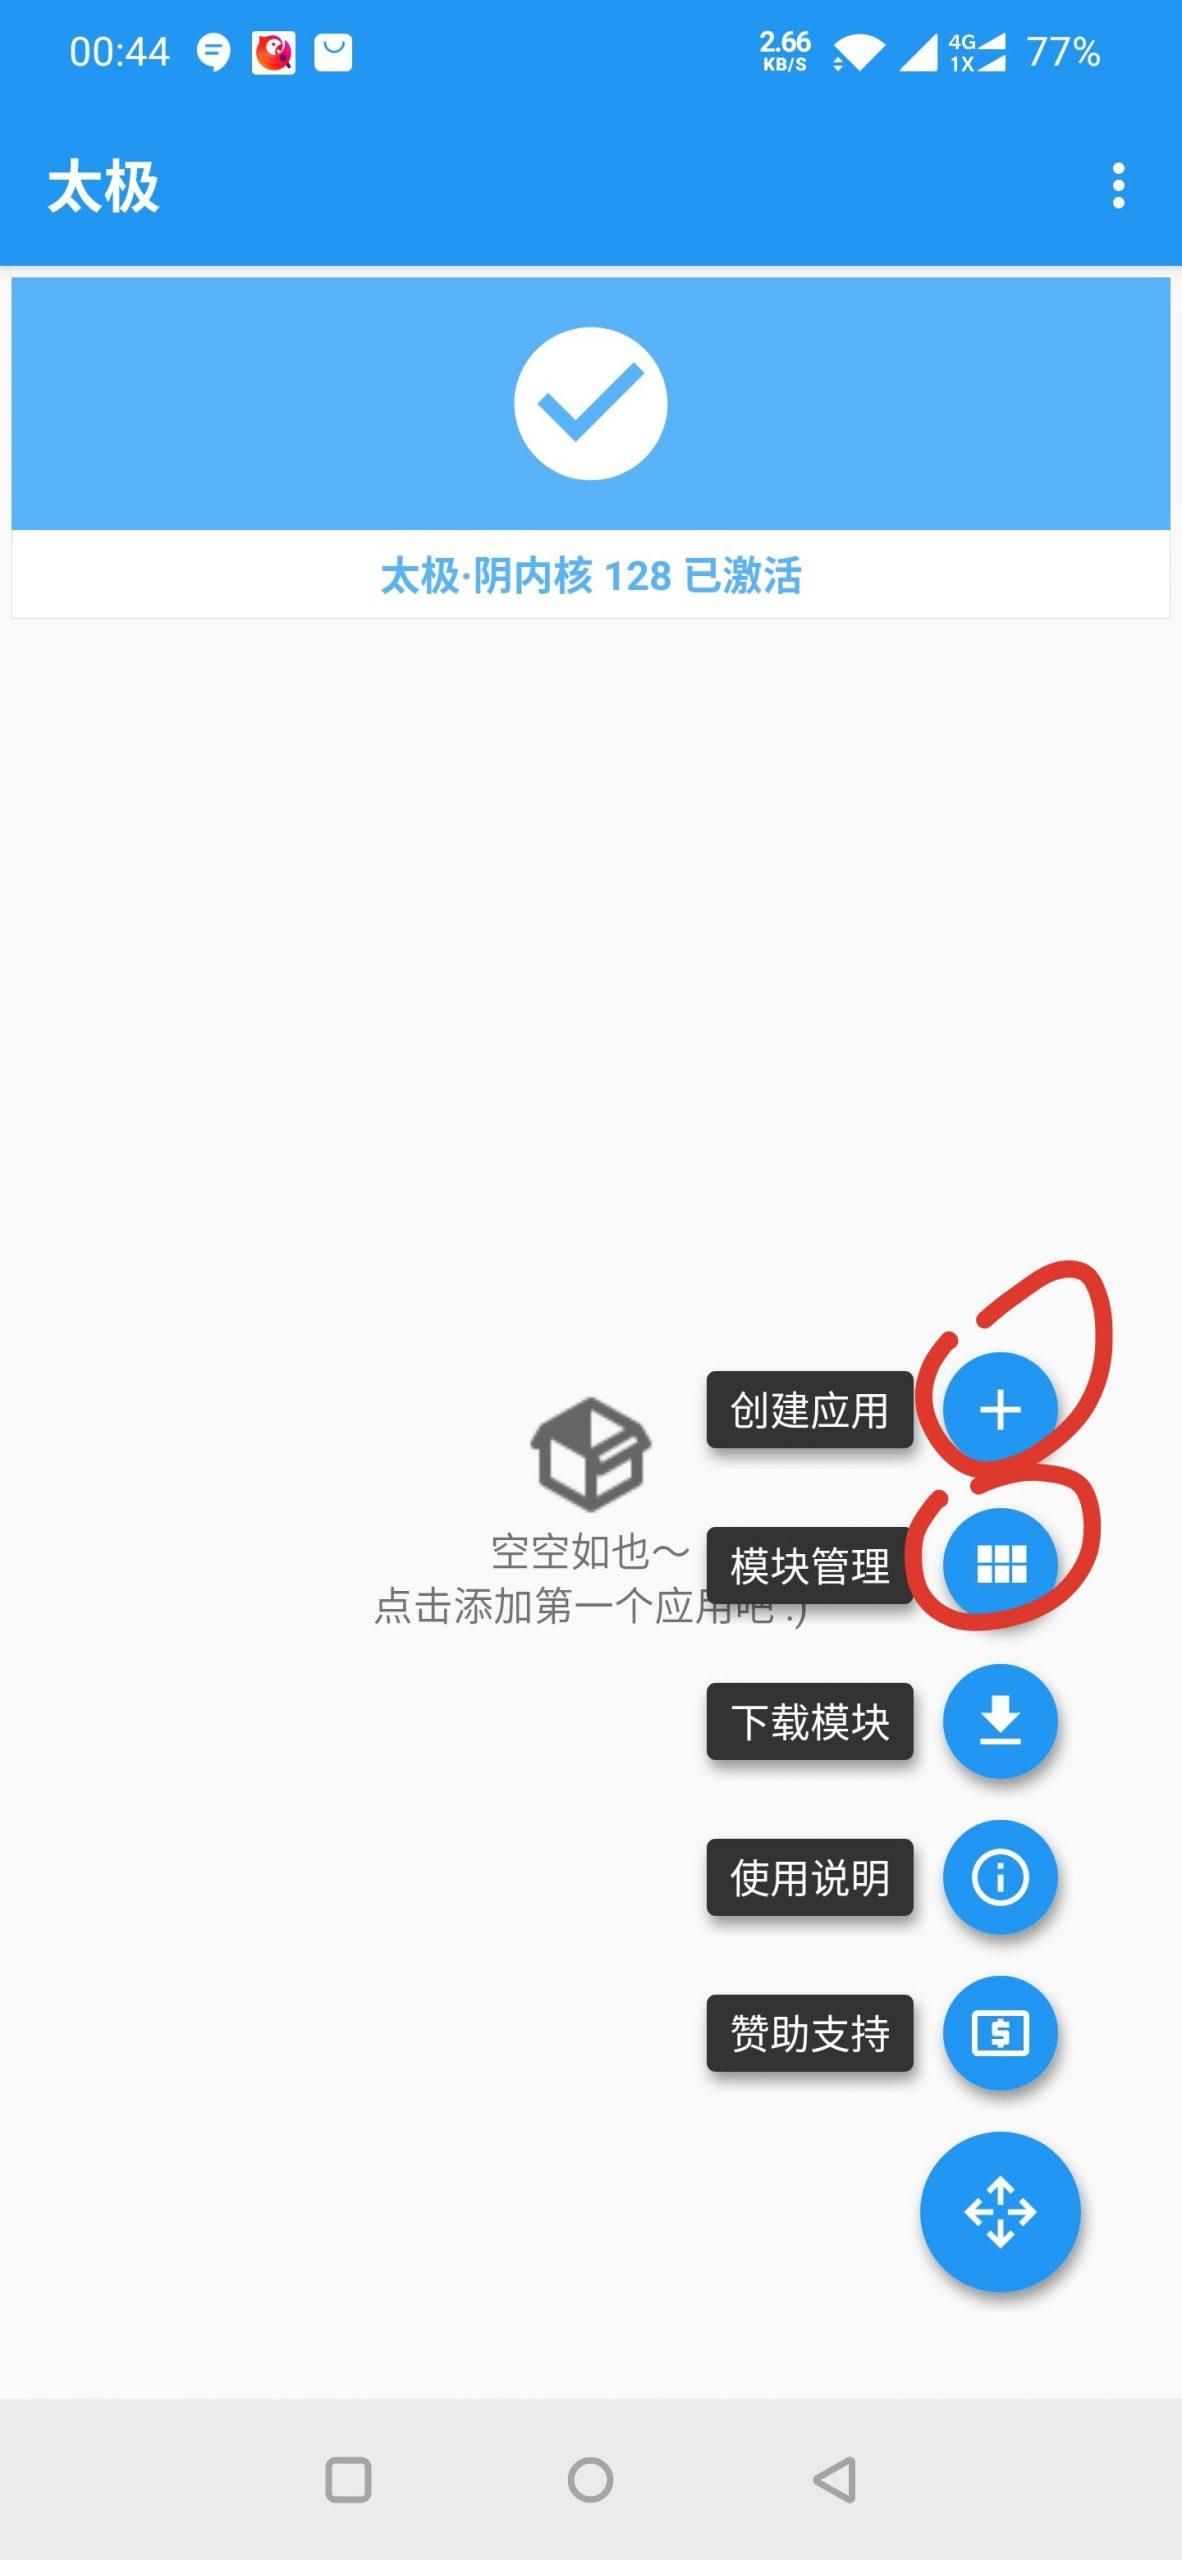 利用QQ假红包xml加群引流